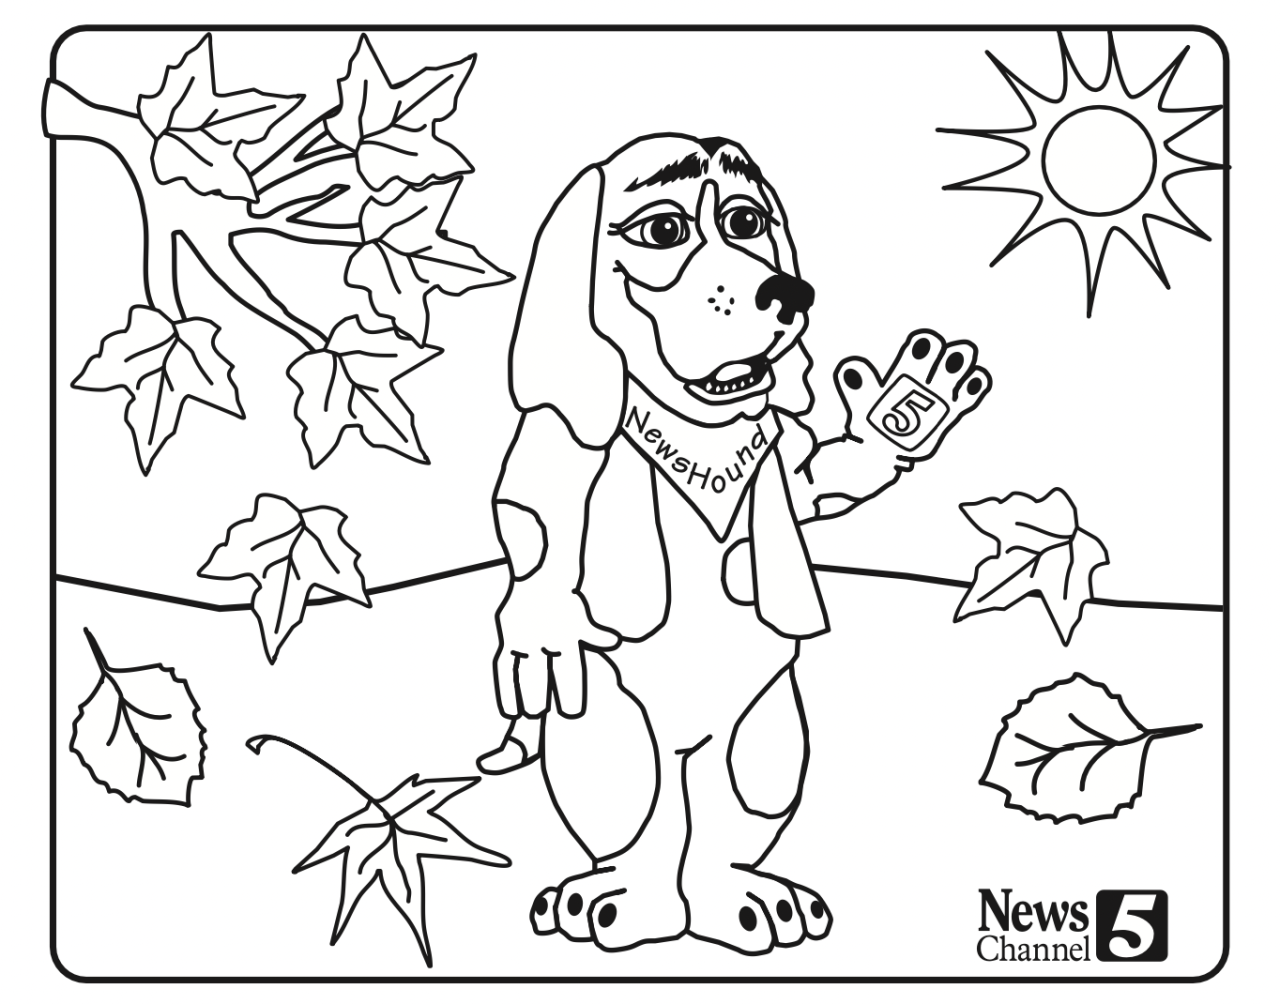 Newshound 2